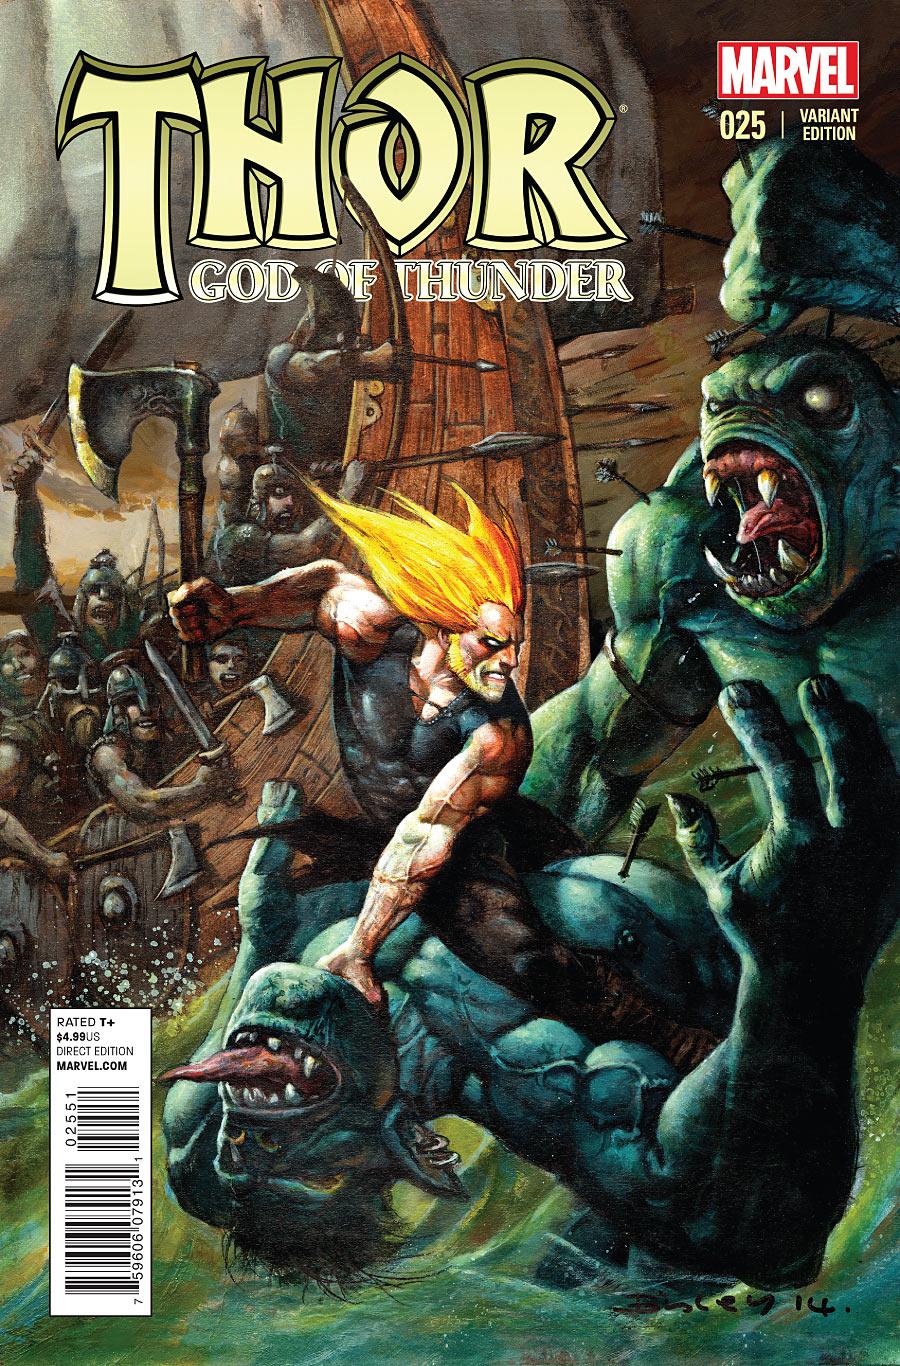 Thor God of Thunder #25 variant